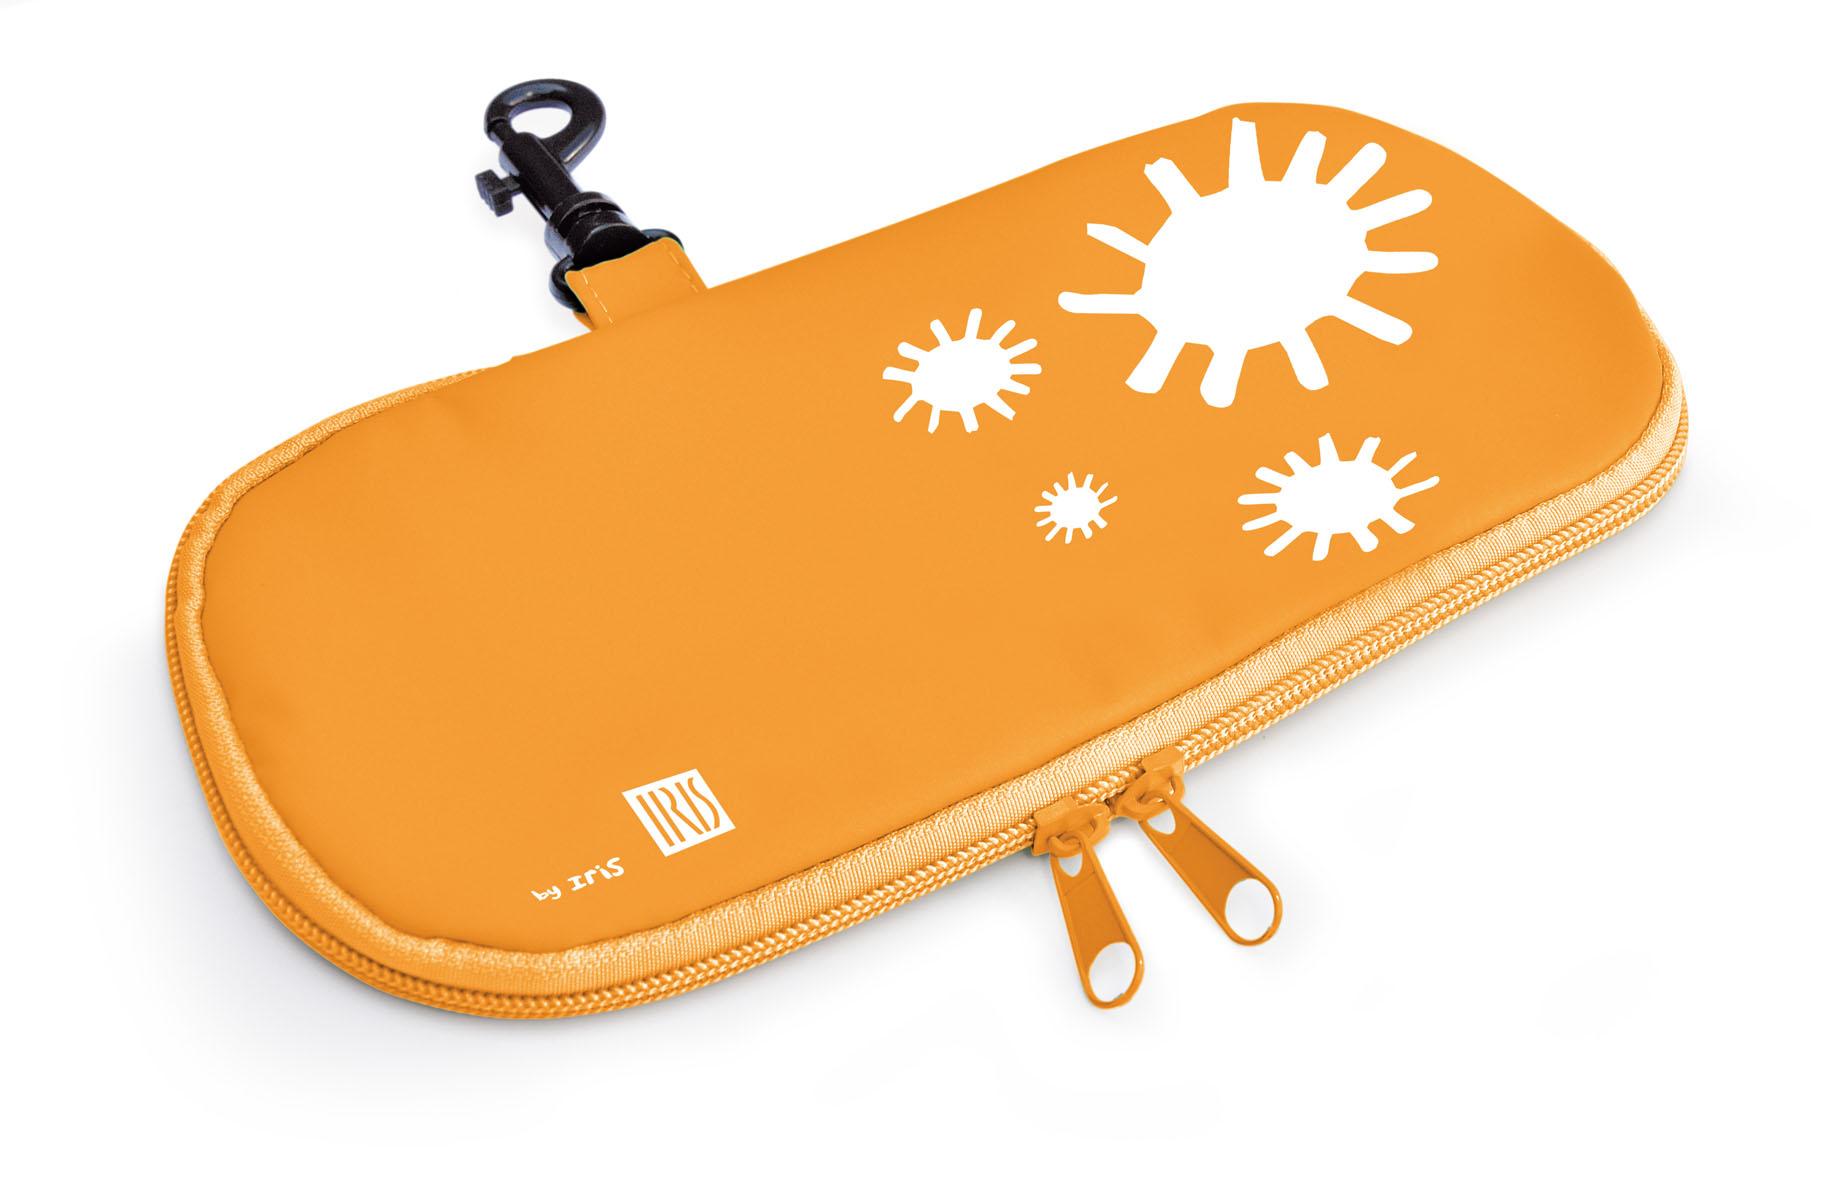 Термобутербродница мягкая Iris Barcelona Kids, цвет: оранжевый, 24 см х 12 см9928-TNМягкая термобутербродница Iris Barcelona Kids идеально подходит, чтобы взять в школу, на прогулку или в поездку. В течение нескольких часов сохранит еду свежей и вкусной благодаря специальному внутреннему покрытию из теплоизолирующего материала. Специальный фиксирующий поясок не позволит бутерброду распасться. Безопасный пластмассовый карабин позволит легко пристегнуть бутербродницу к ранцу или сумке. Заменяет все одноразовые упаковки. При бережном использовании прослужит не один год.